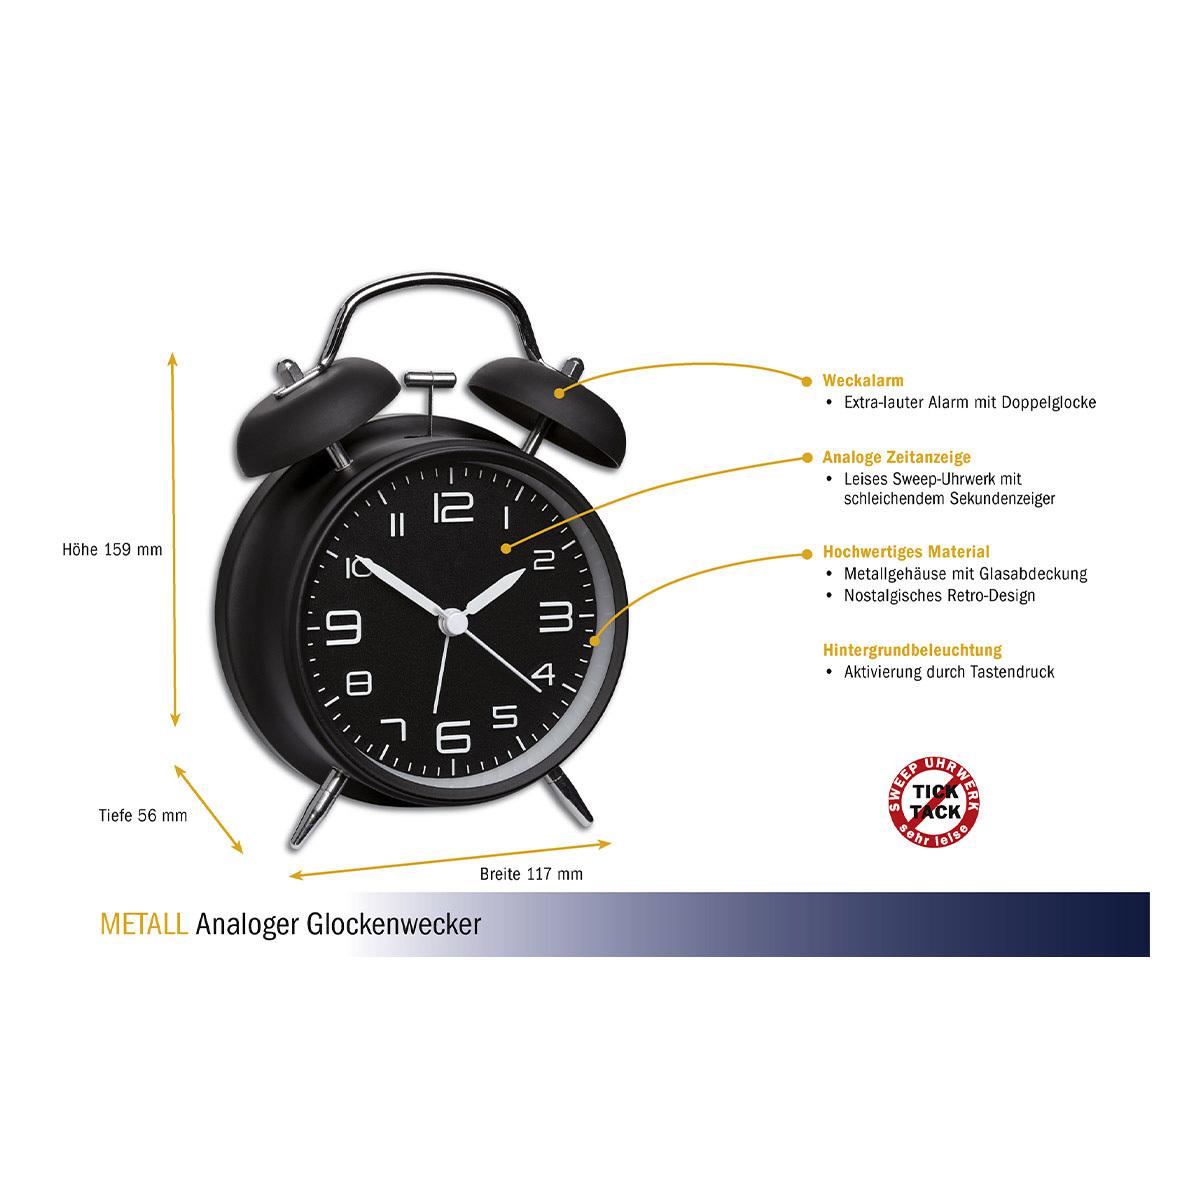 60-1025-01-analoger-metall-glockenwecker-abmessungen-1200x1200px.jpg